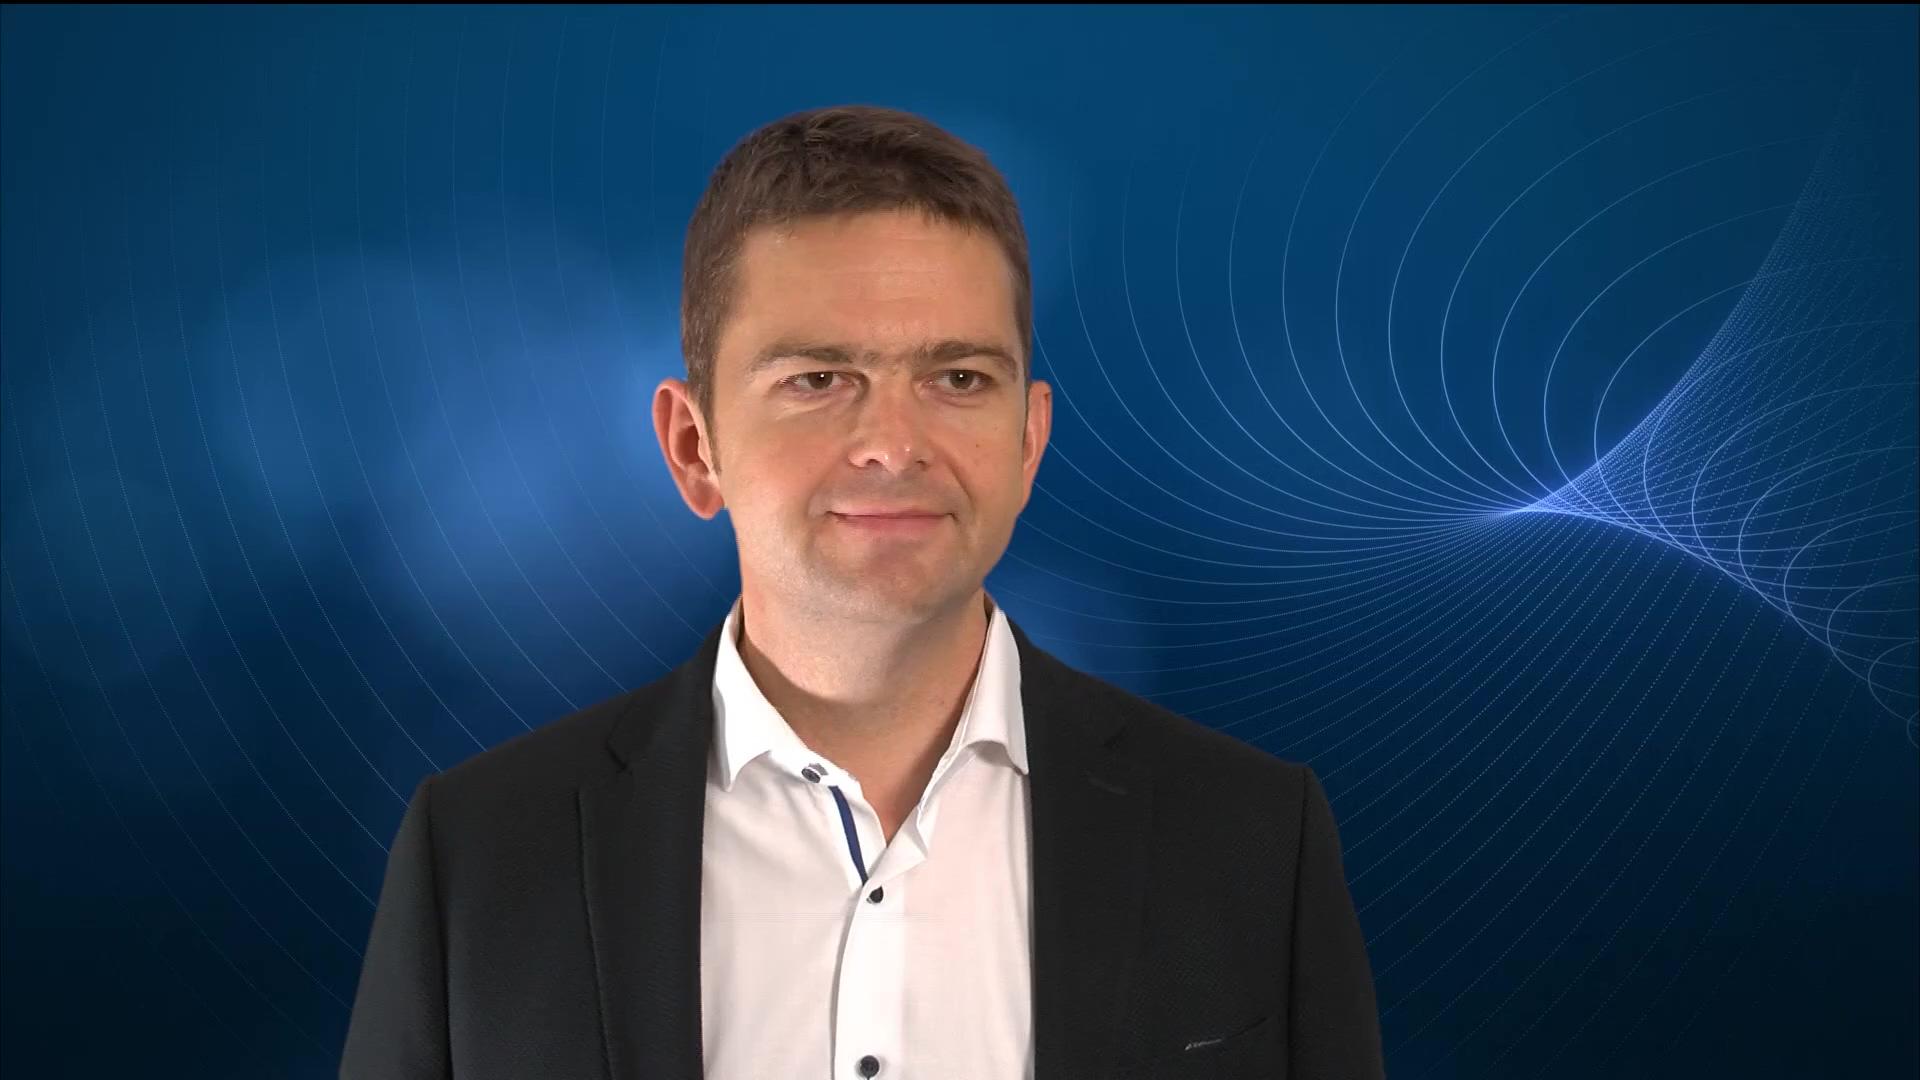 Sebastian Schieke